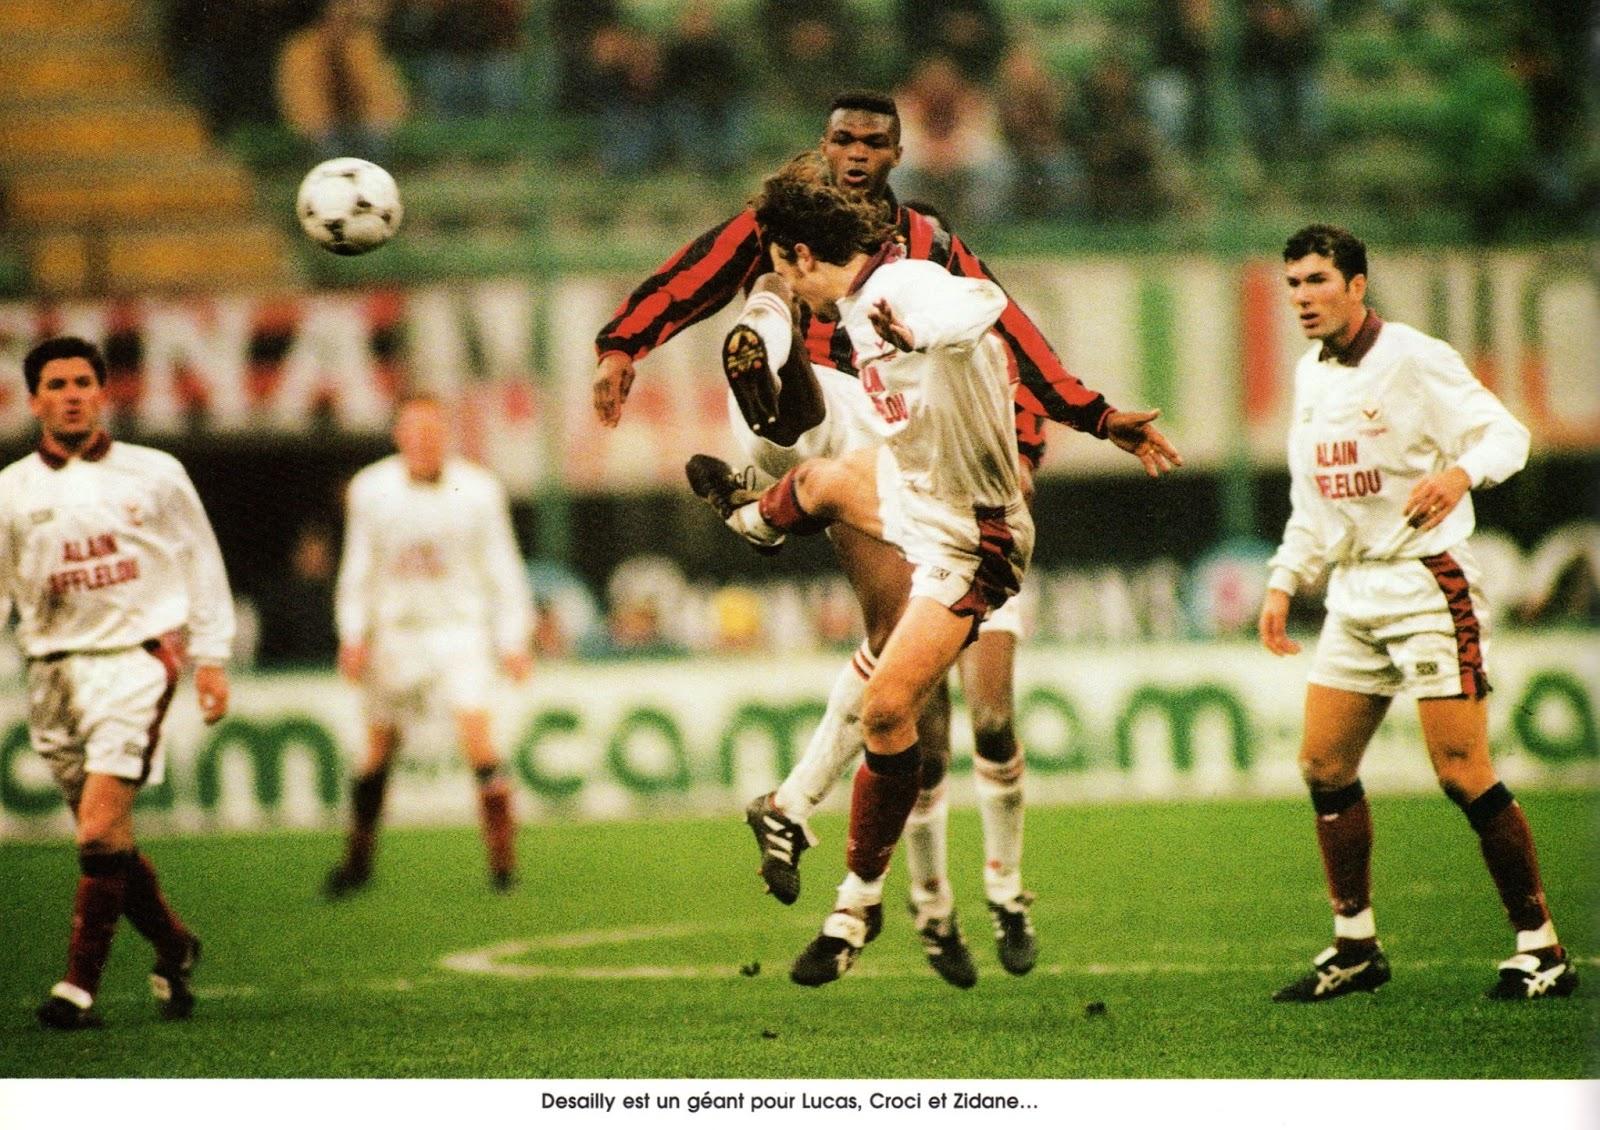 คุณจำบอร์กโดซ์ ของซีดาน, ลิซาราซู และ ดูการ์รี่ ที่หยุดความยิ่งใหญ่ของ เอซี มิลาน ในฟุตบอลยุโรปได้หรือไม่? มุมสบายๆ